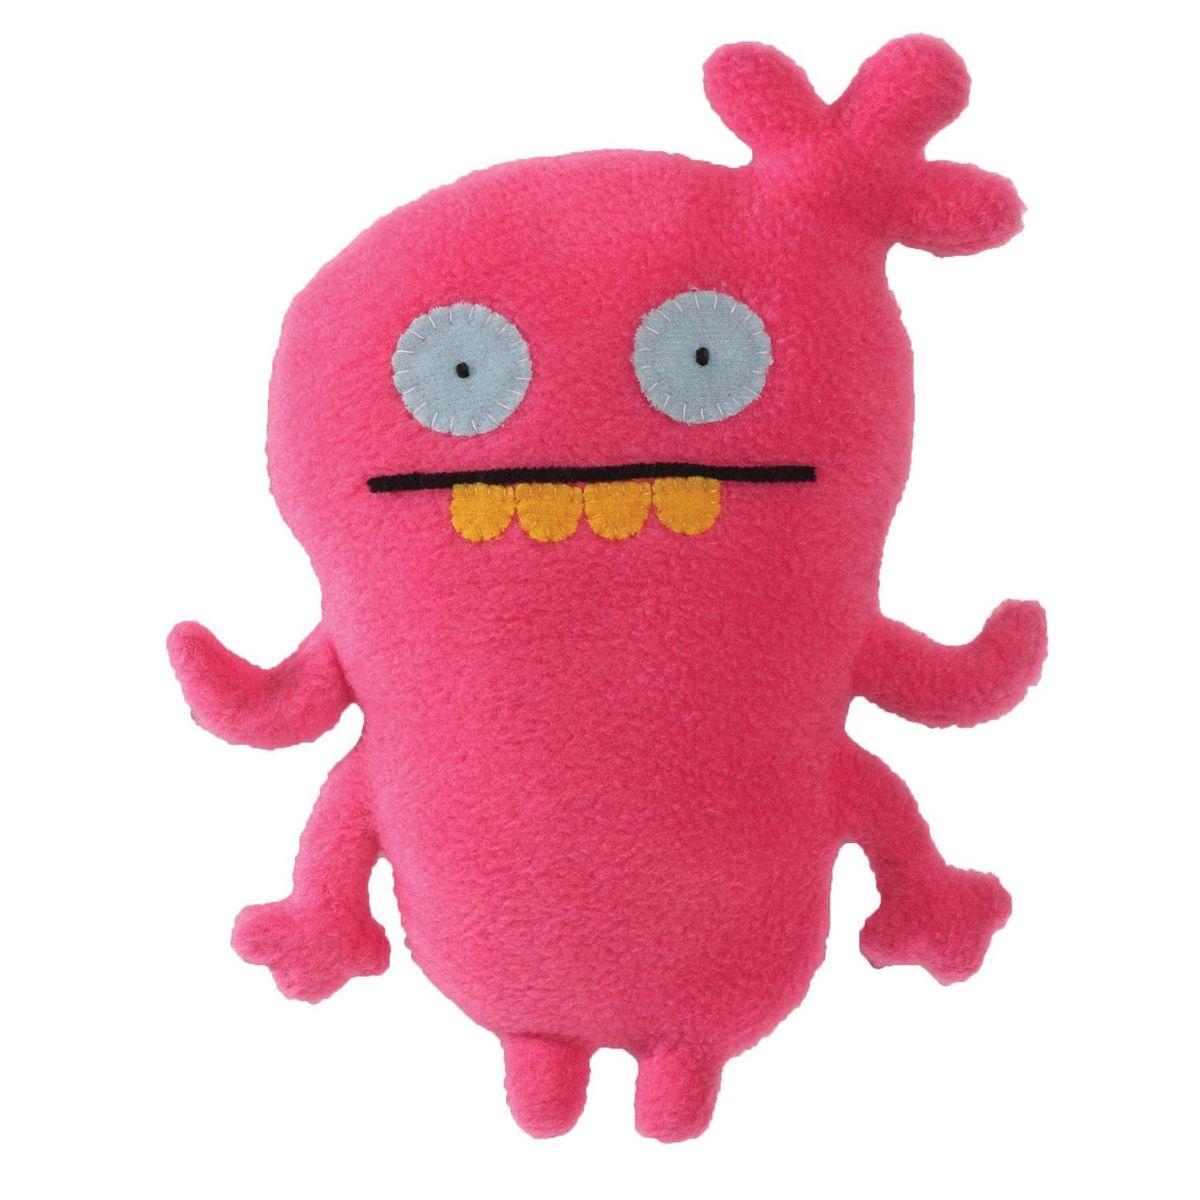 Uglydoll Мягкая игрушка Gorgeous 35 см4035779Плохой день на работе? Что-то не получается? Все надоело? Мягкая игрушка Uglydoll Gorgeous придет вам на помощь. Бренд, появившийся в 2001 году и завоевавший титул Лучшая игрушка года в 2006, продолжает набирать популярность по всему миру. Еще бы, ведь эти милые создания сделаны из абсолютно безопасных материалов и могут стать отличными друзьями - как для детей, так и для взрослых!